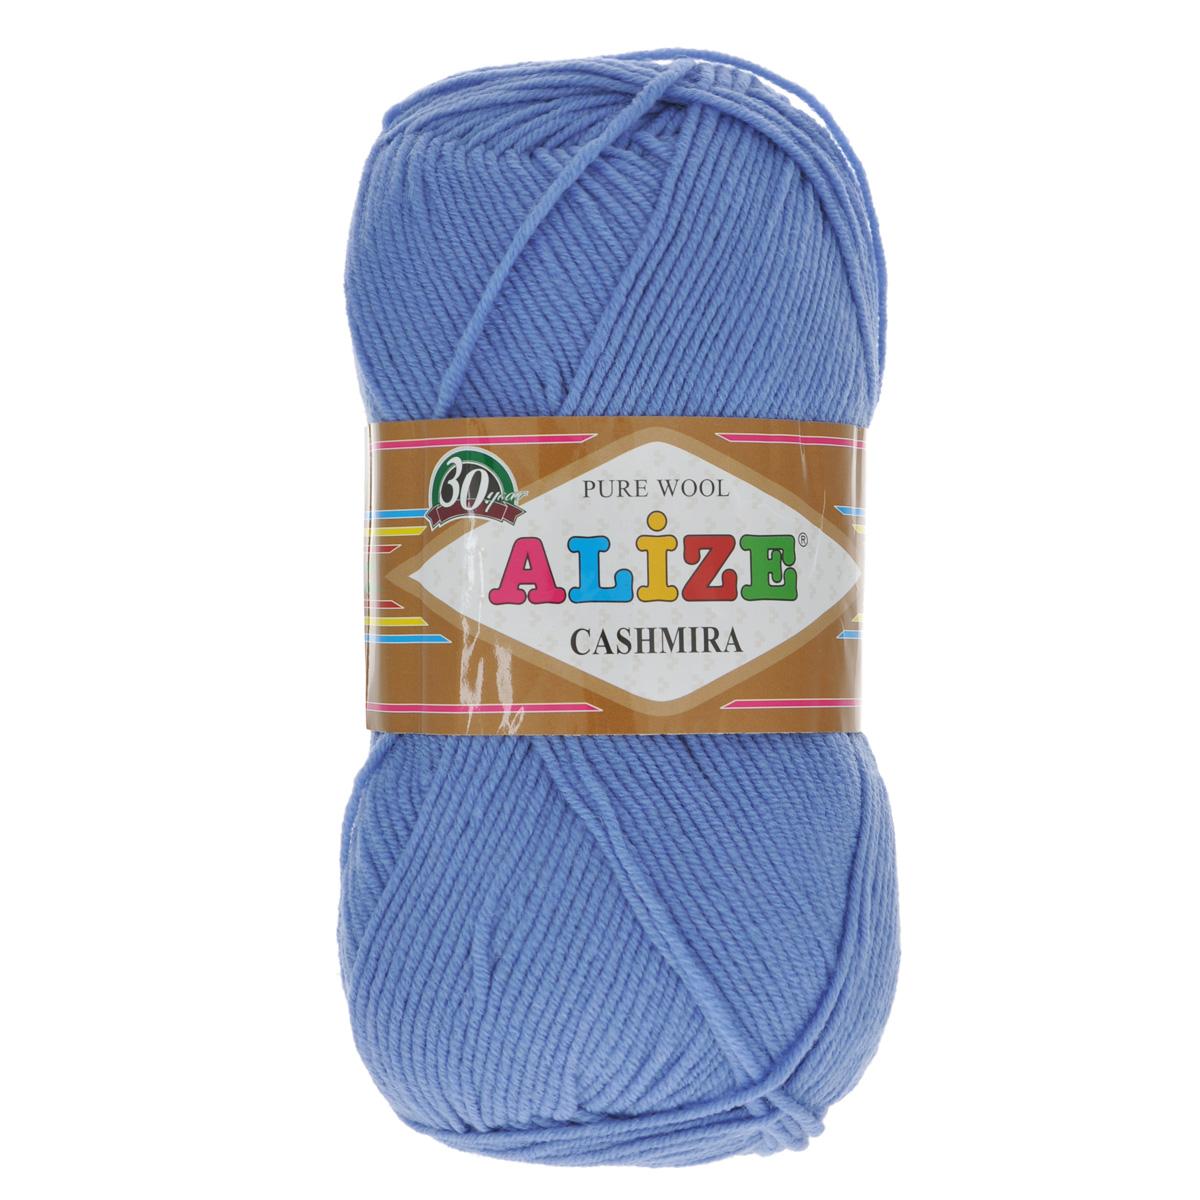 Пряжа для вязания Alize Cashmira, цвет: темно-синий (303), 300 м, 100 г, 5 шт364009_303Пряжа для вязания Alize Cashmira изготовлена из 100% шерсти. Пряжа упругая, эластичная, тёплая, уютная и не колется, что очень подходит для детей. Тоненькая нитка прекрасно подойдет для вязки демисезонных вещей. Пряжа легко распускается и перевязывается несколько раз, не деформируясь и не влияя на вид изделия. Натуральная шерстяная нить, обеспечивает изделию прекрасную форму. Рекомендуется ручная стирка при температуре 30 °C. Рекомендованные спицы № 3-5, крючок № 2-4.